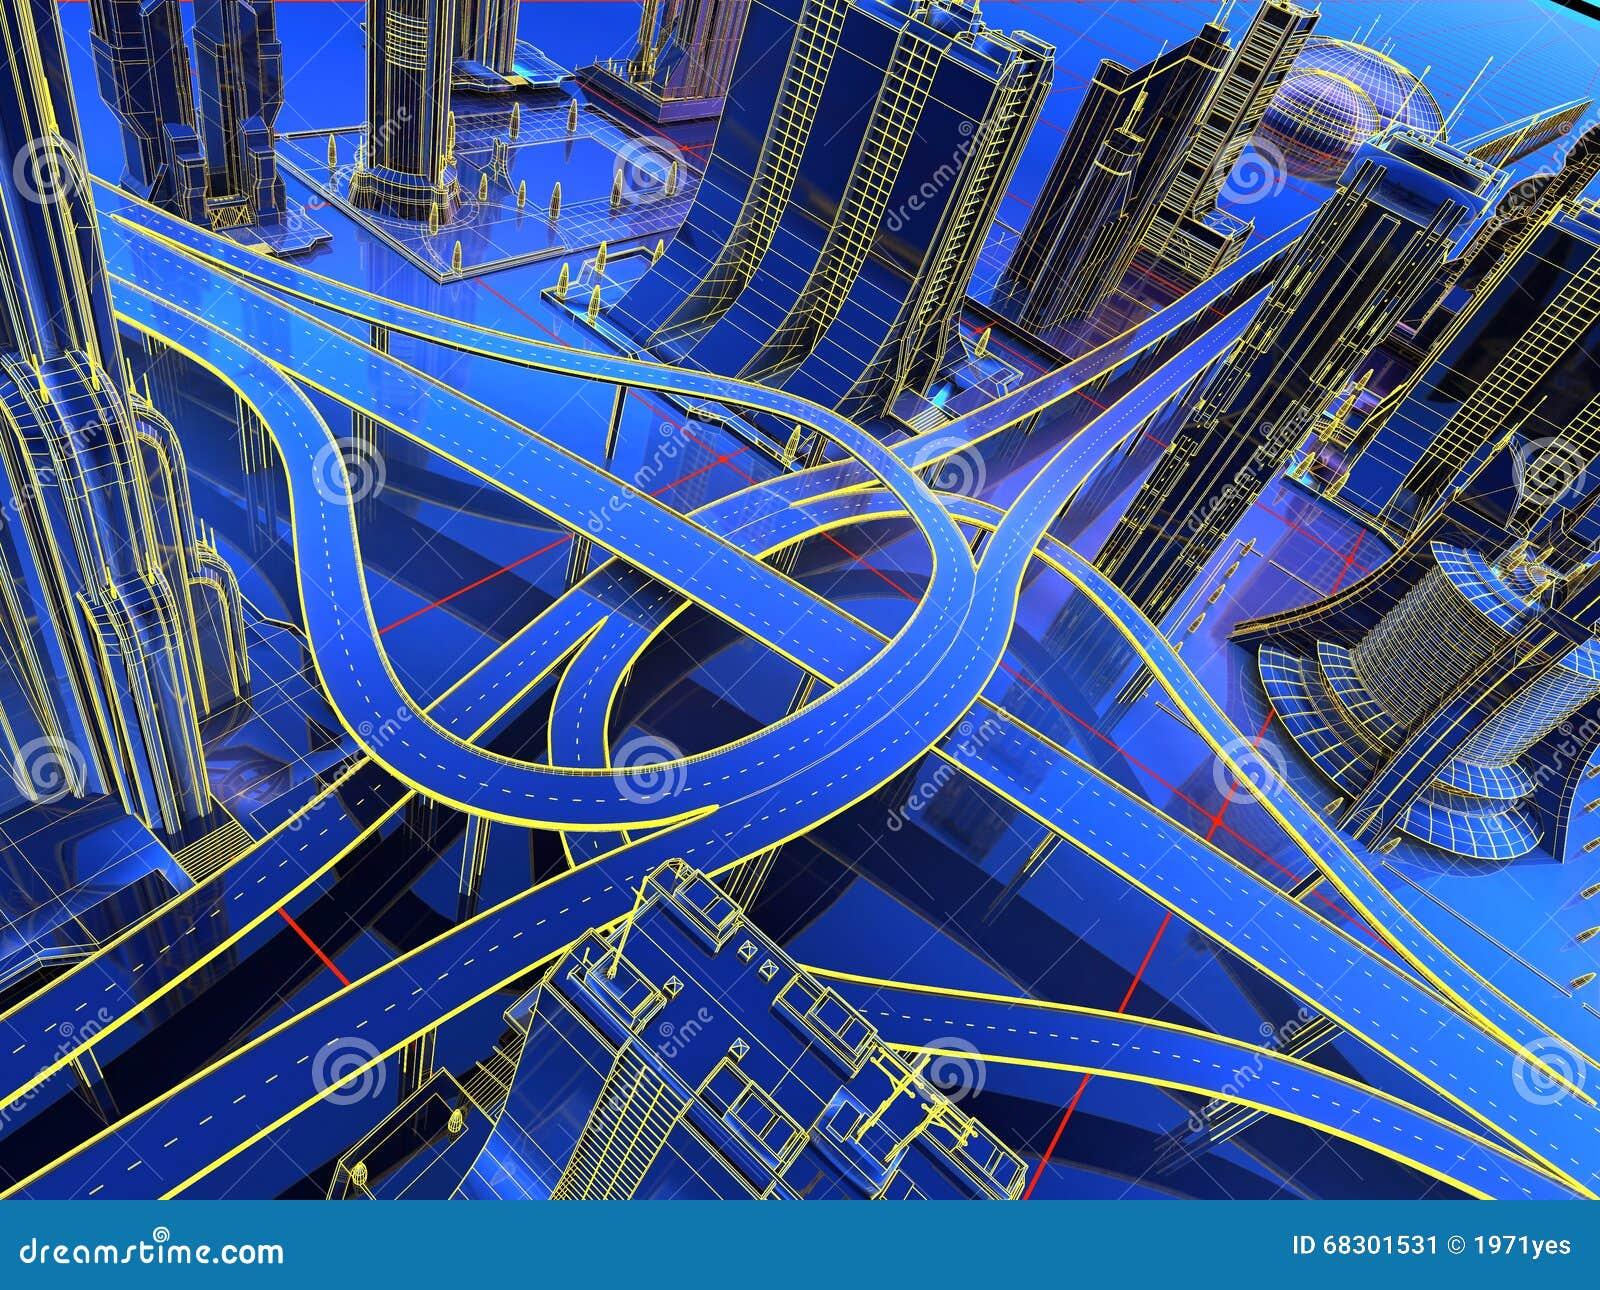 Modell der Straßen